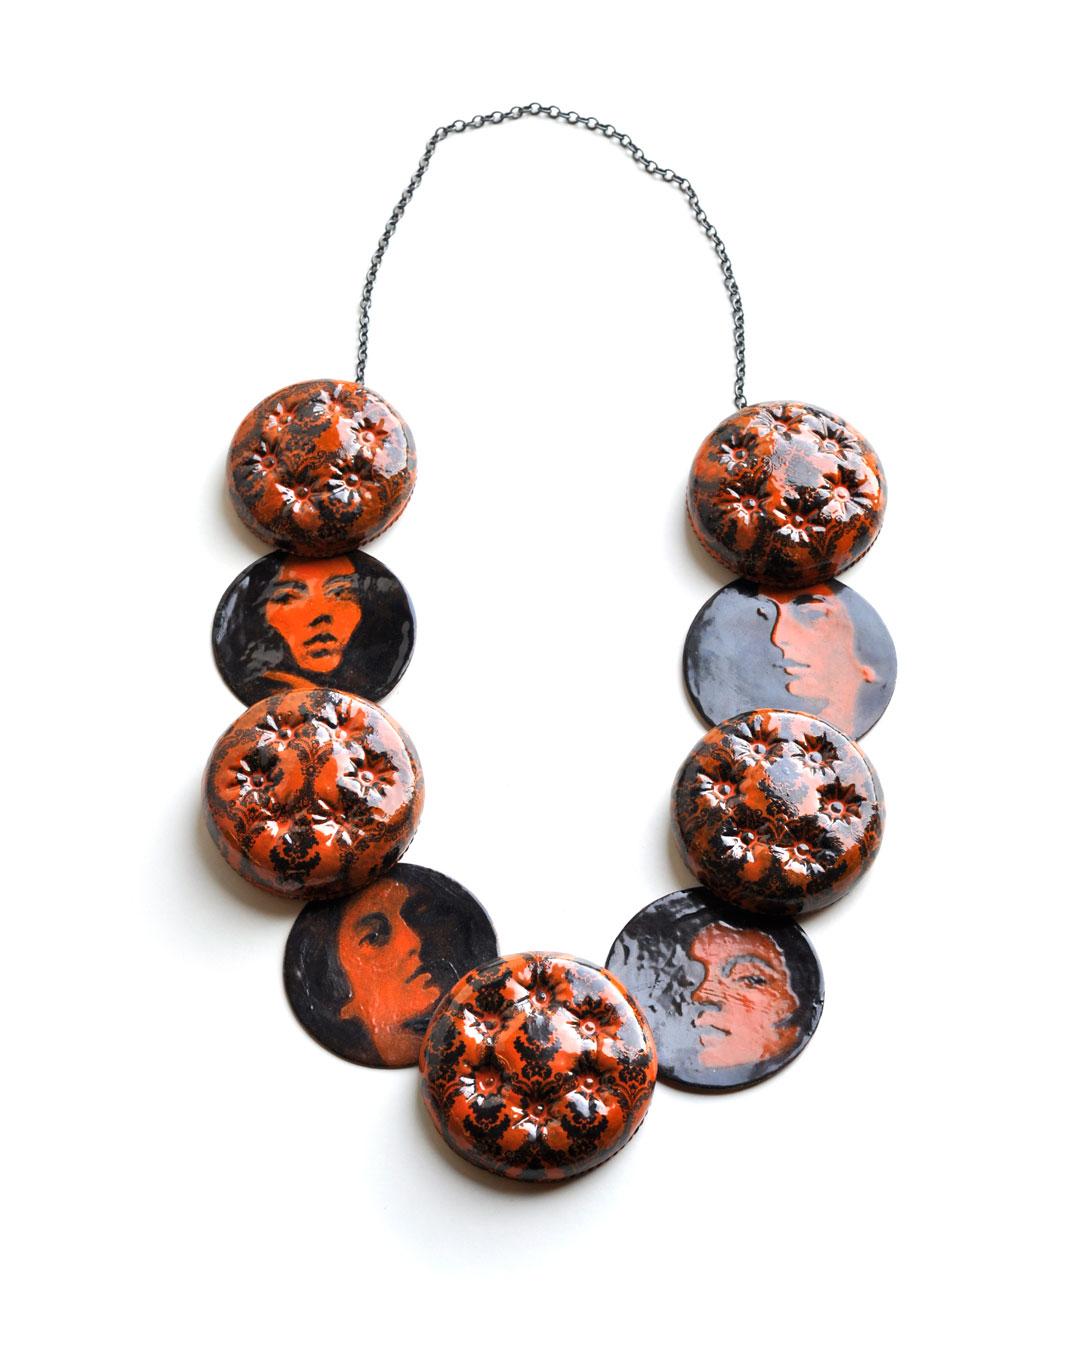 Vera Siemund, untitled, 2009, necklace; copper, silver, enamel, 170 x 320 x 20 mm, €3770